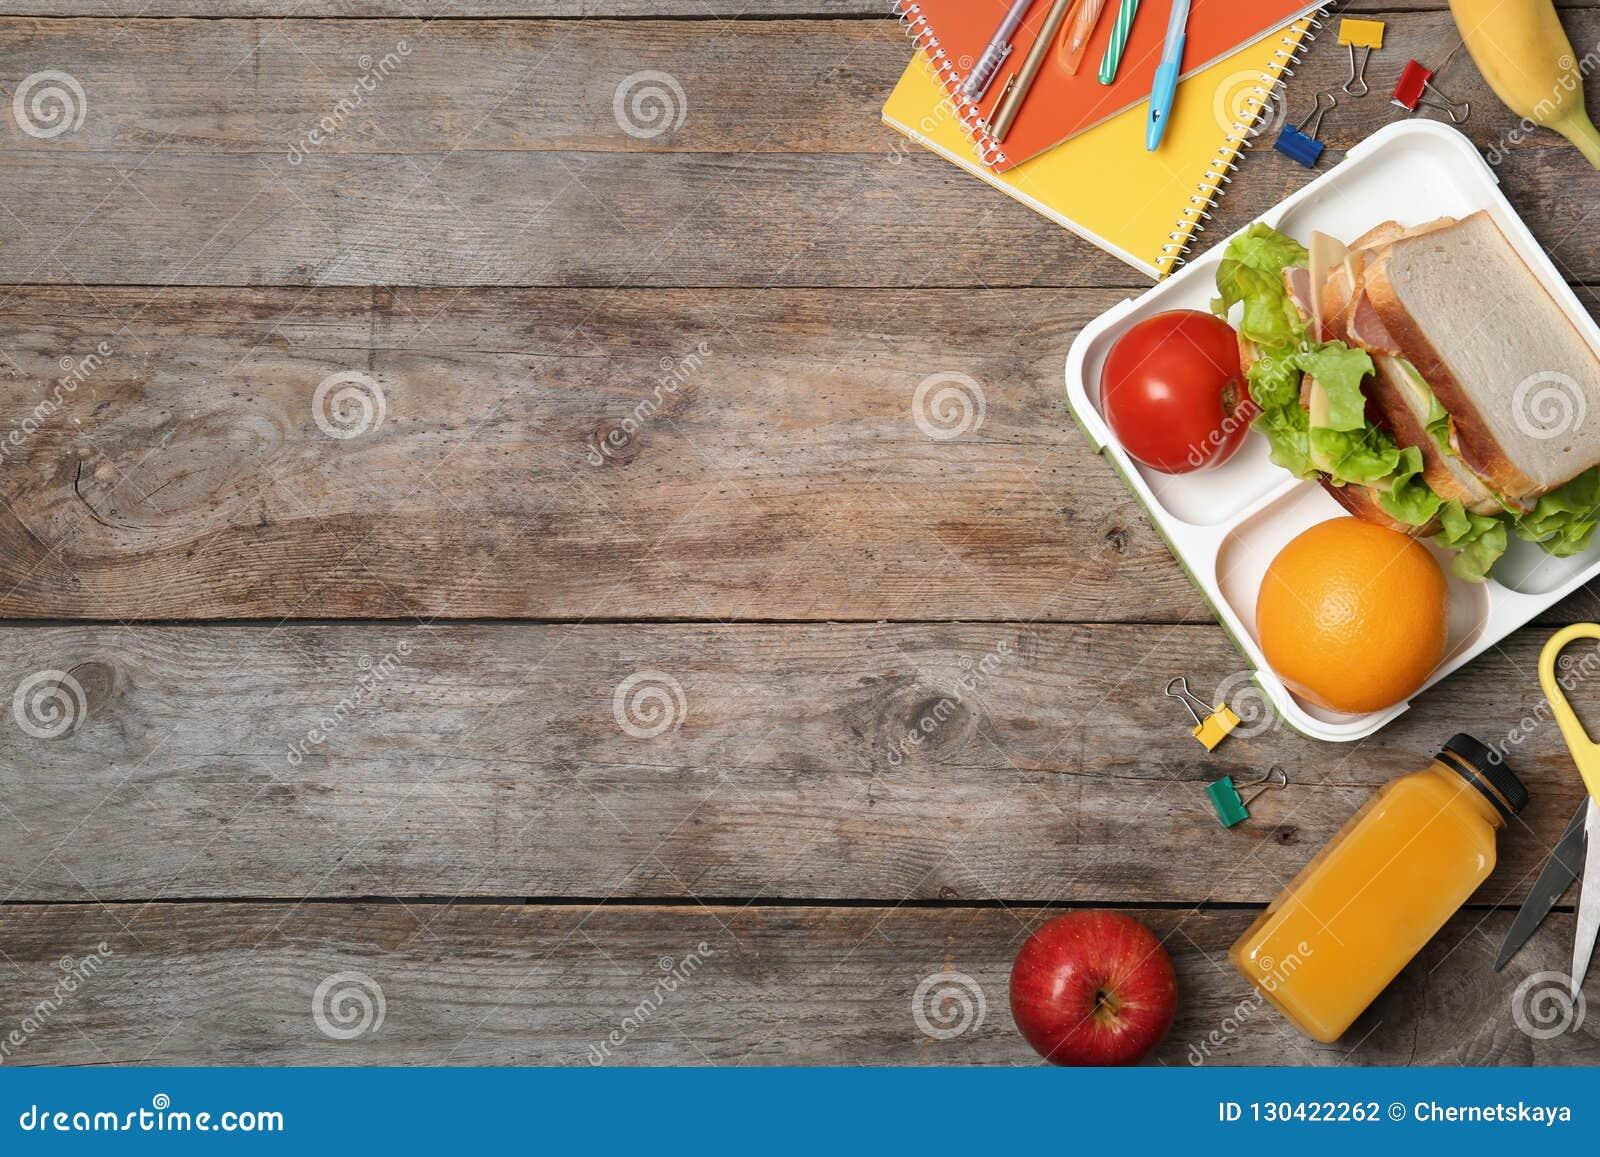 Επίπεδος βάλτε τη σύνθεση με τα υγιή τρόφιμα για το παιδί σχολείου